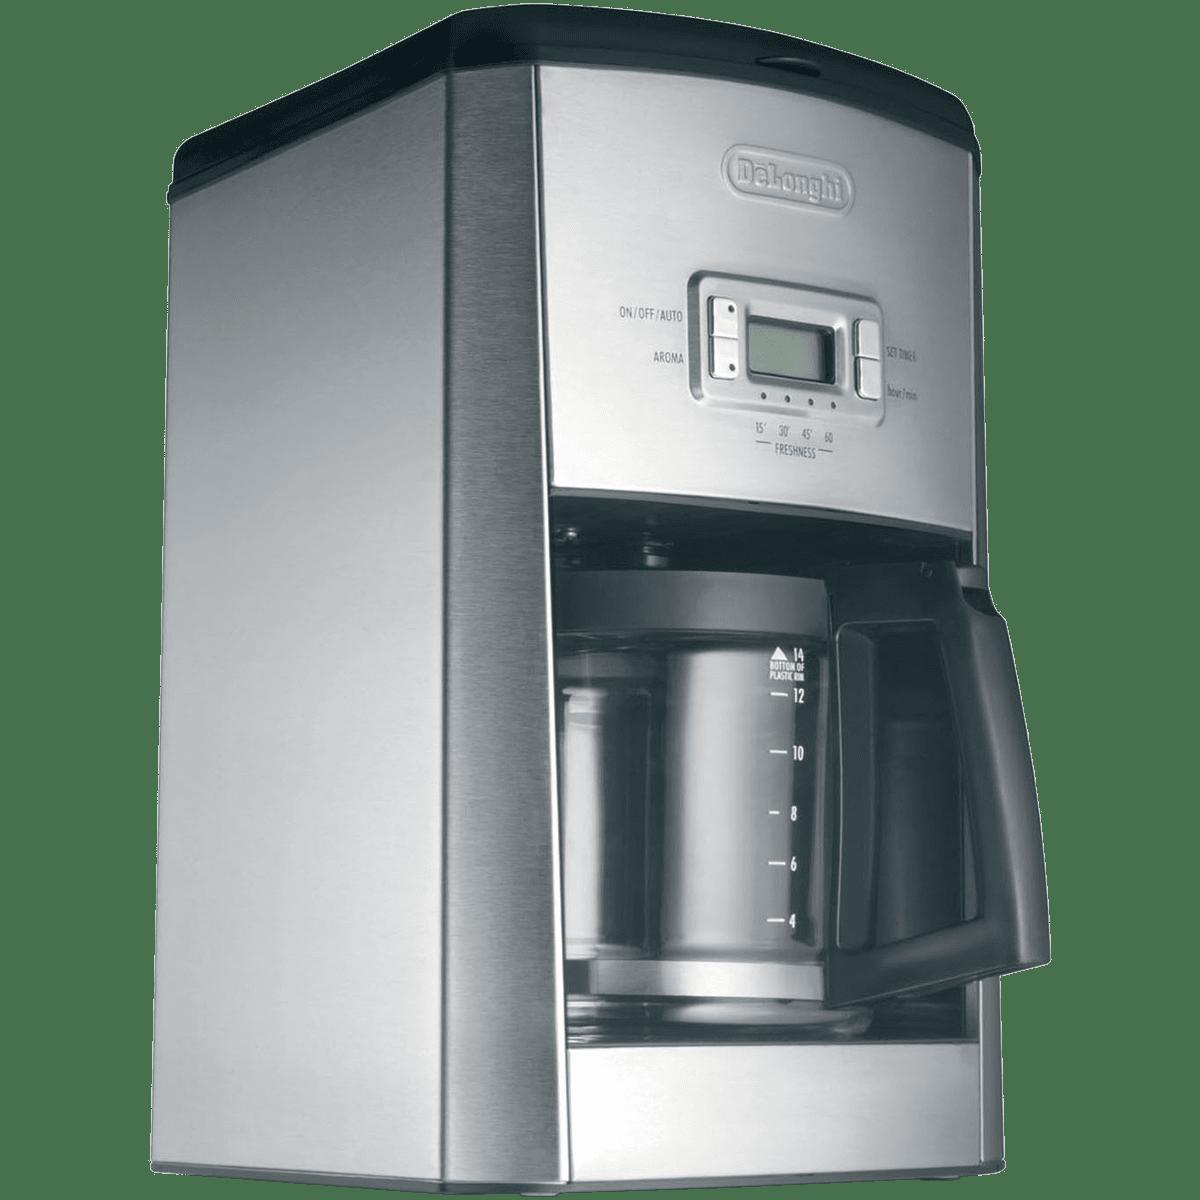 Delonghi 14 Cup Coffee Maker Dc514t Main